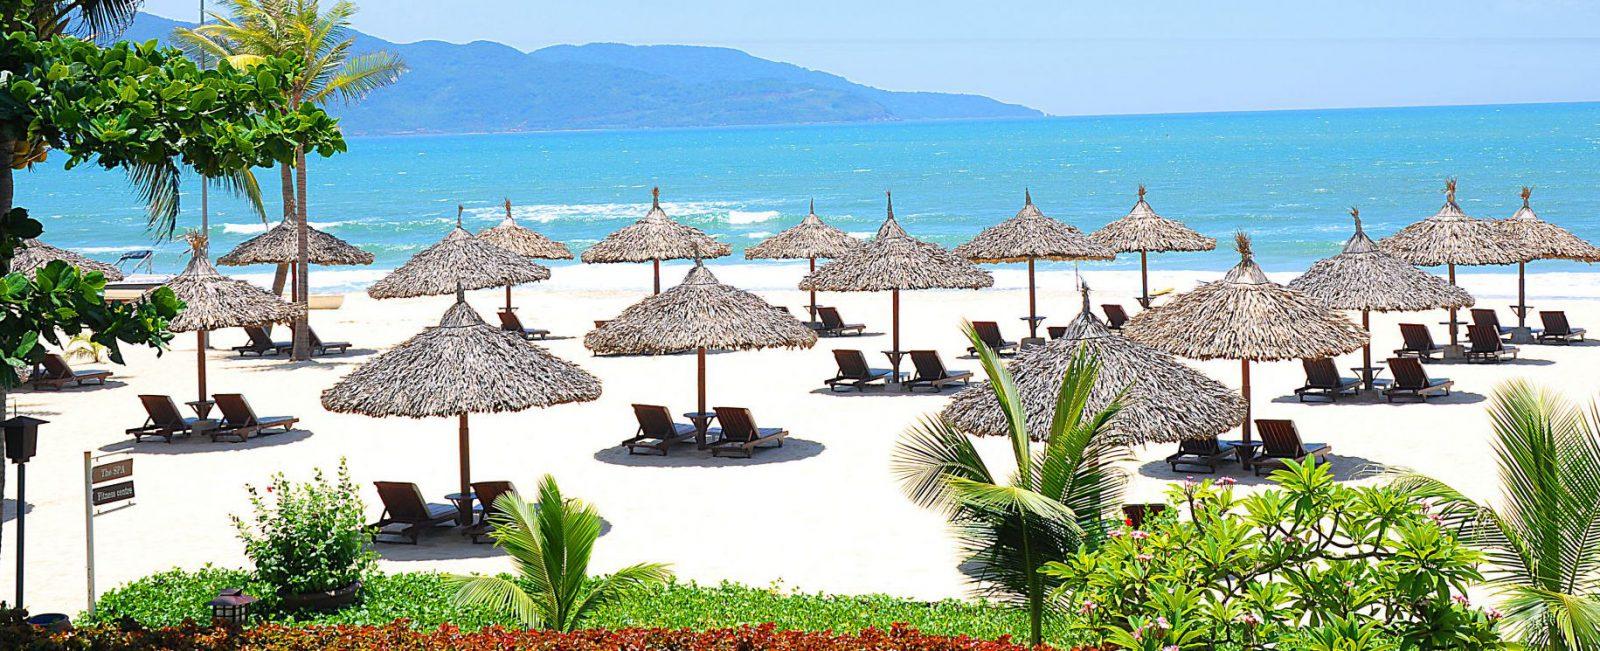 Mỹ Khê (Đà Nẵng) đại thắng bình chọn Bãi biển đẹp nhất Việt Nam 2017